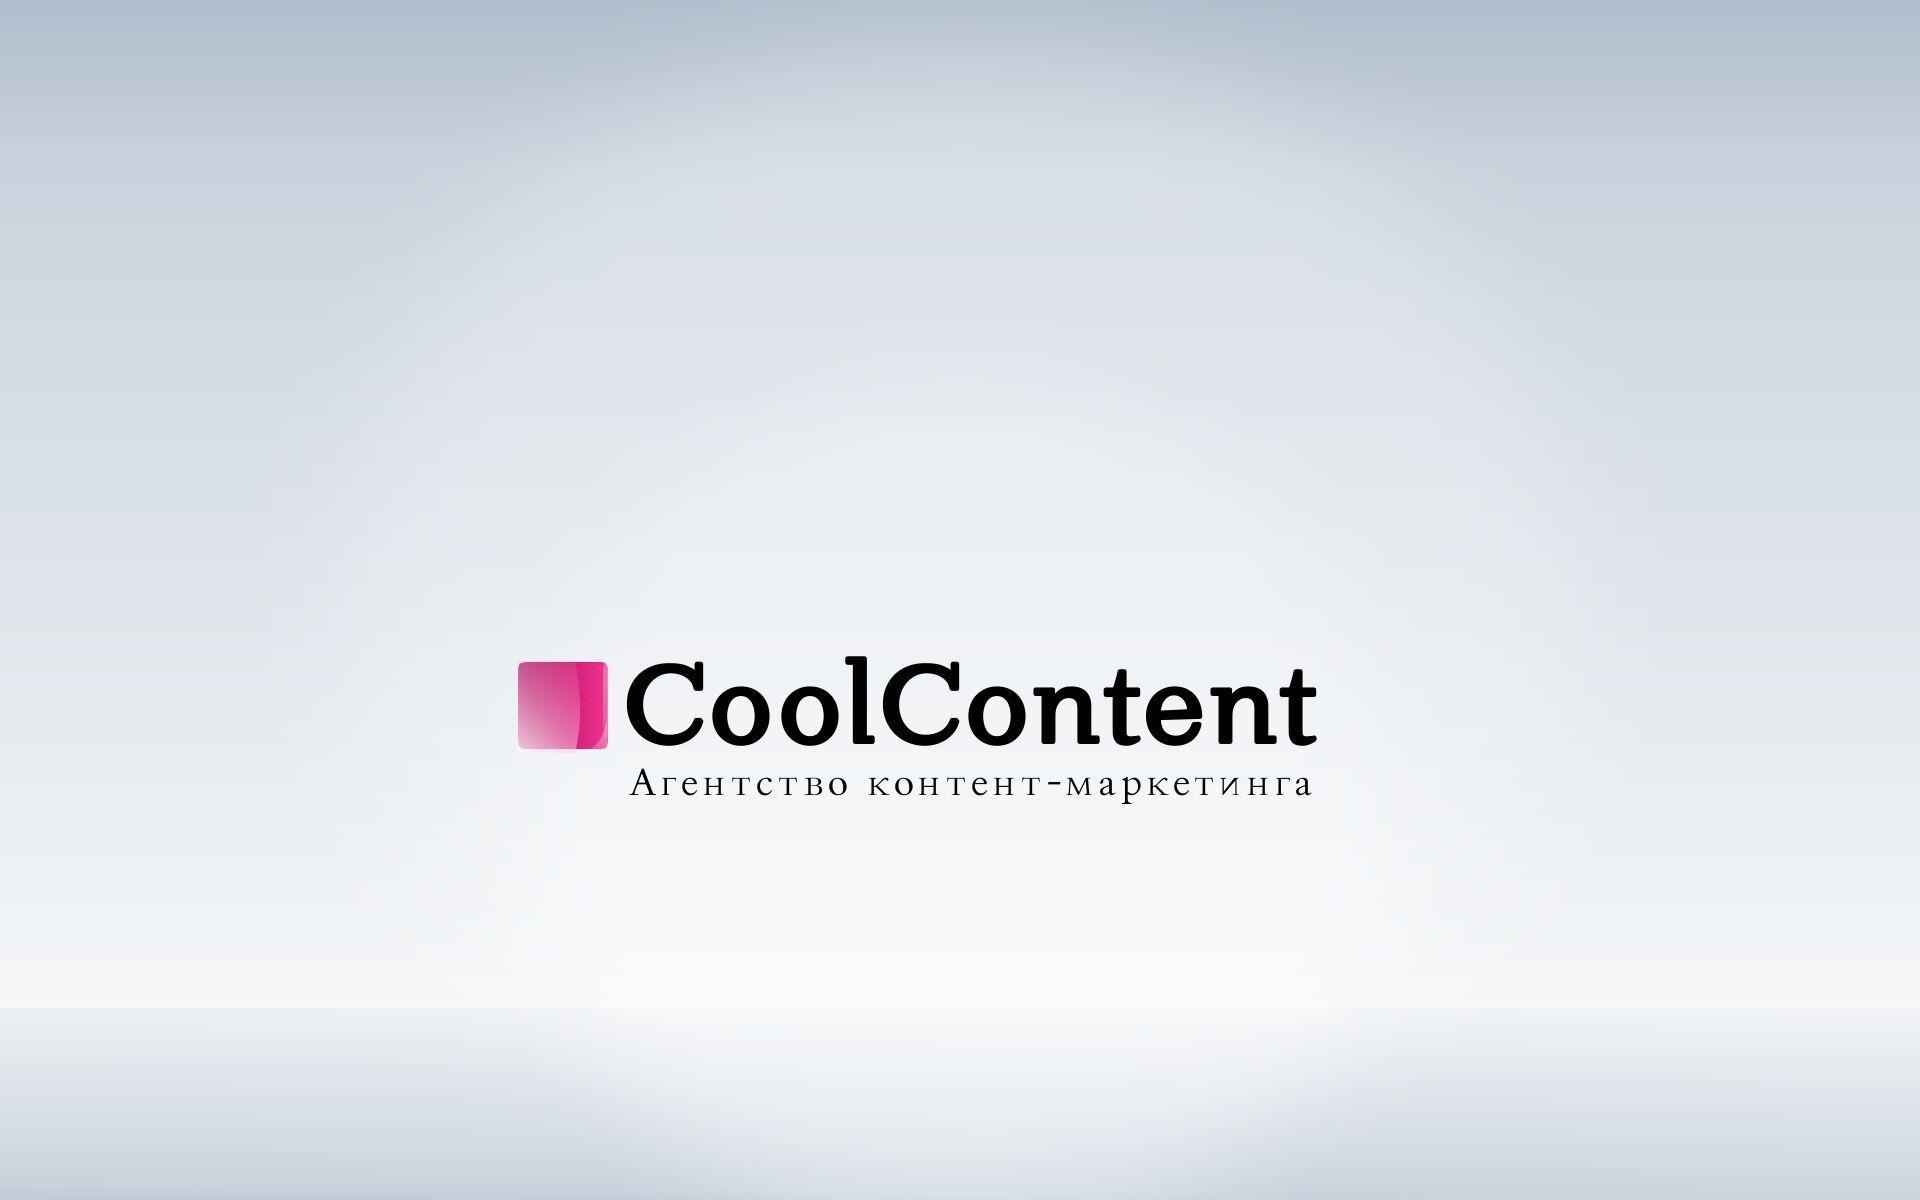 Лого для агентства Cool Content - дизайнер 051290